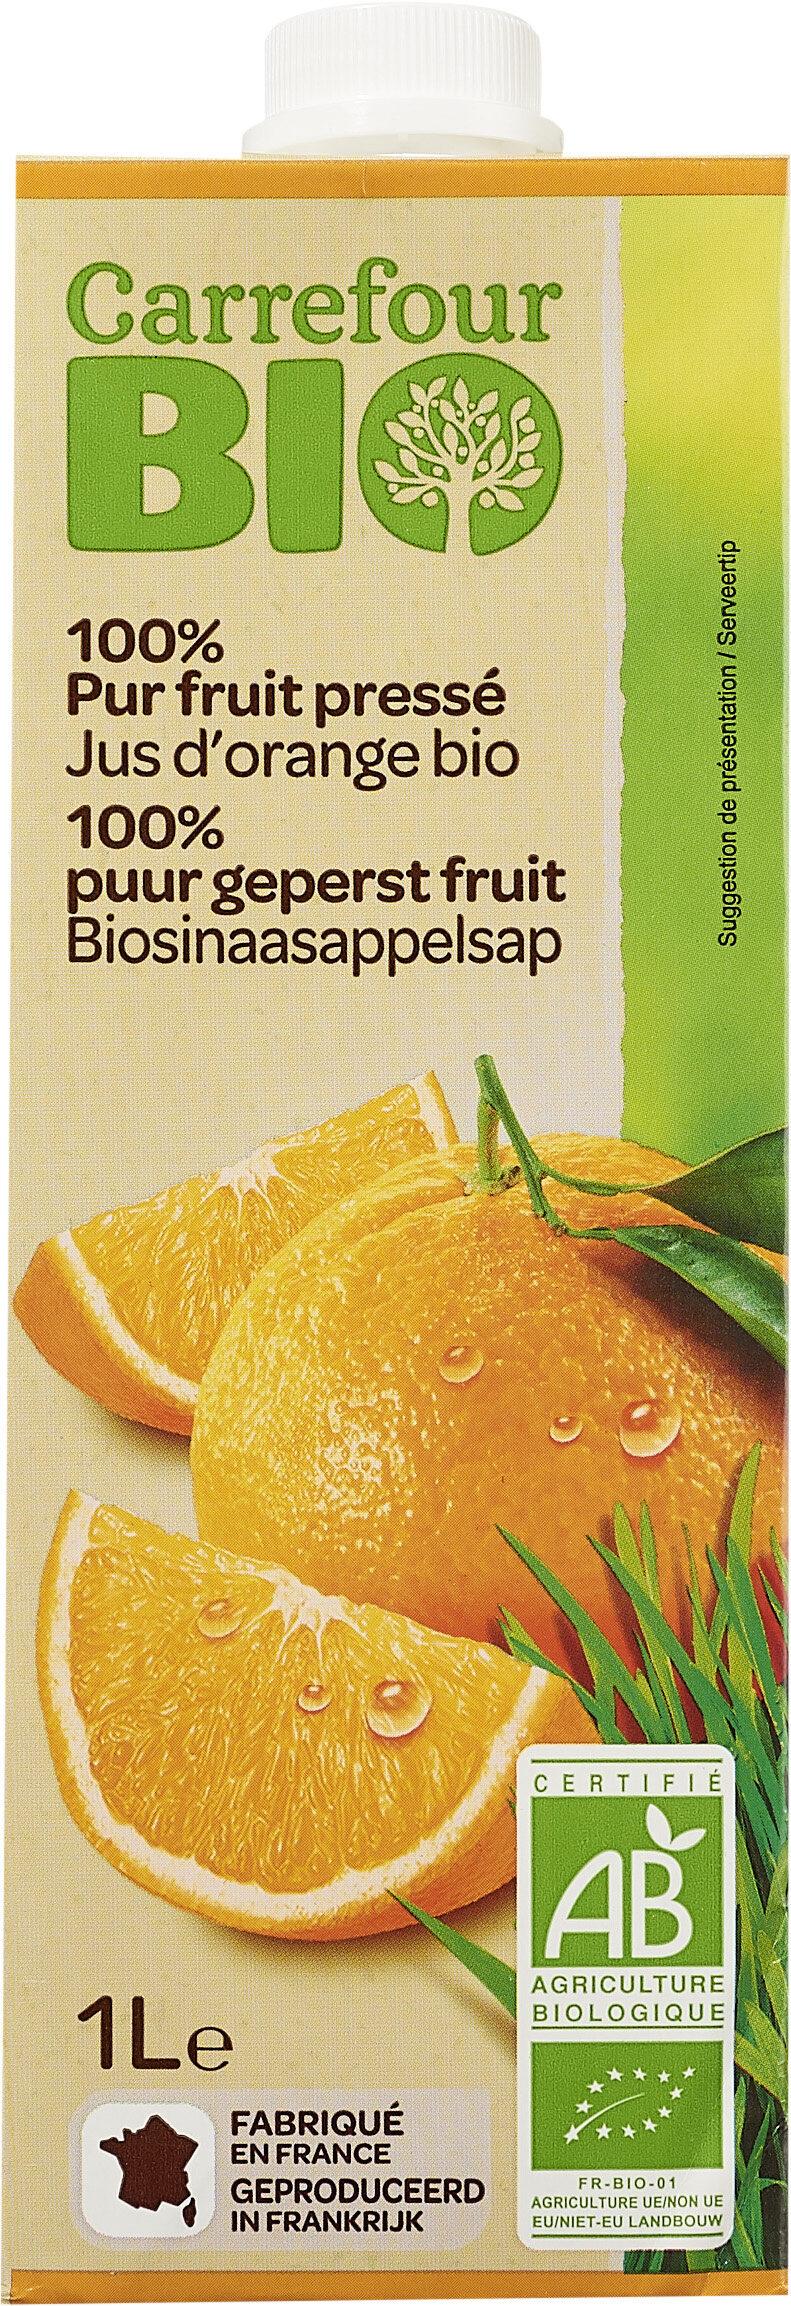 Jus d'orange bio 100% pur fruits pressé - Produit - fr